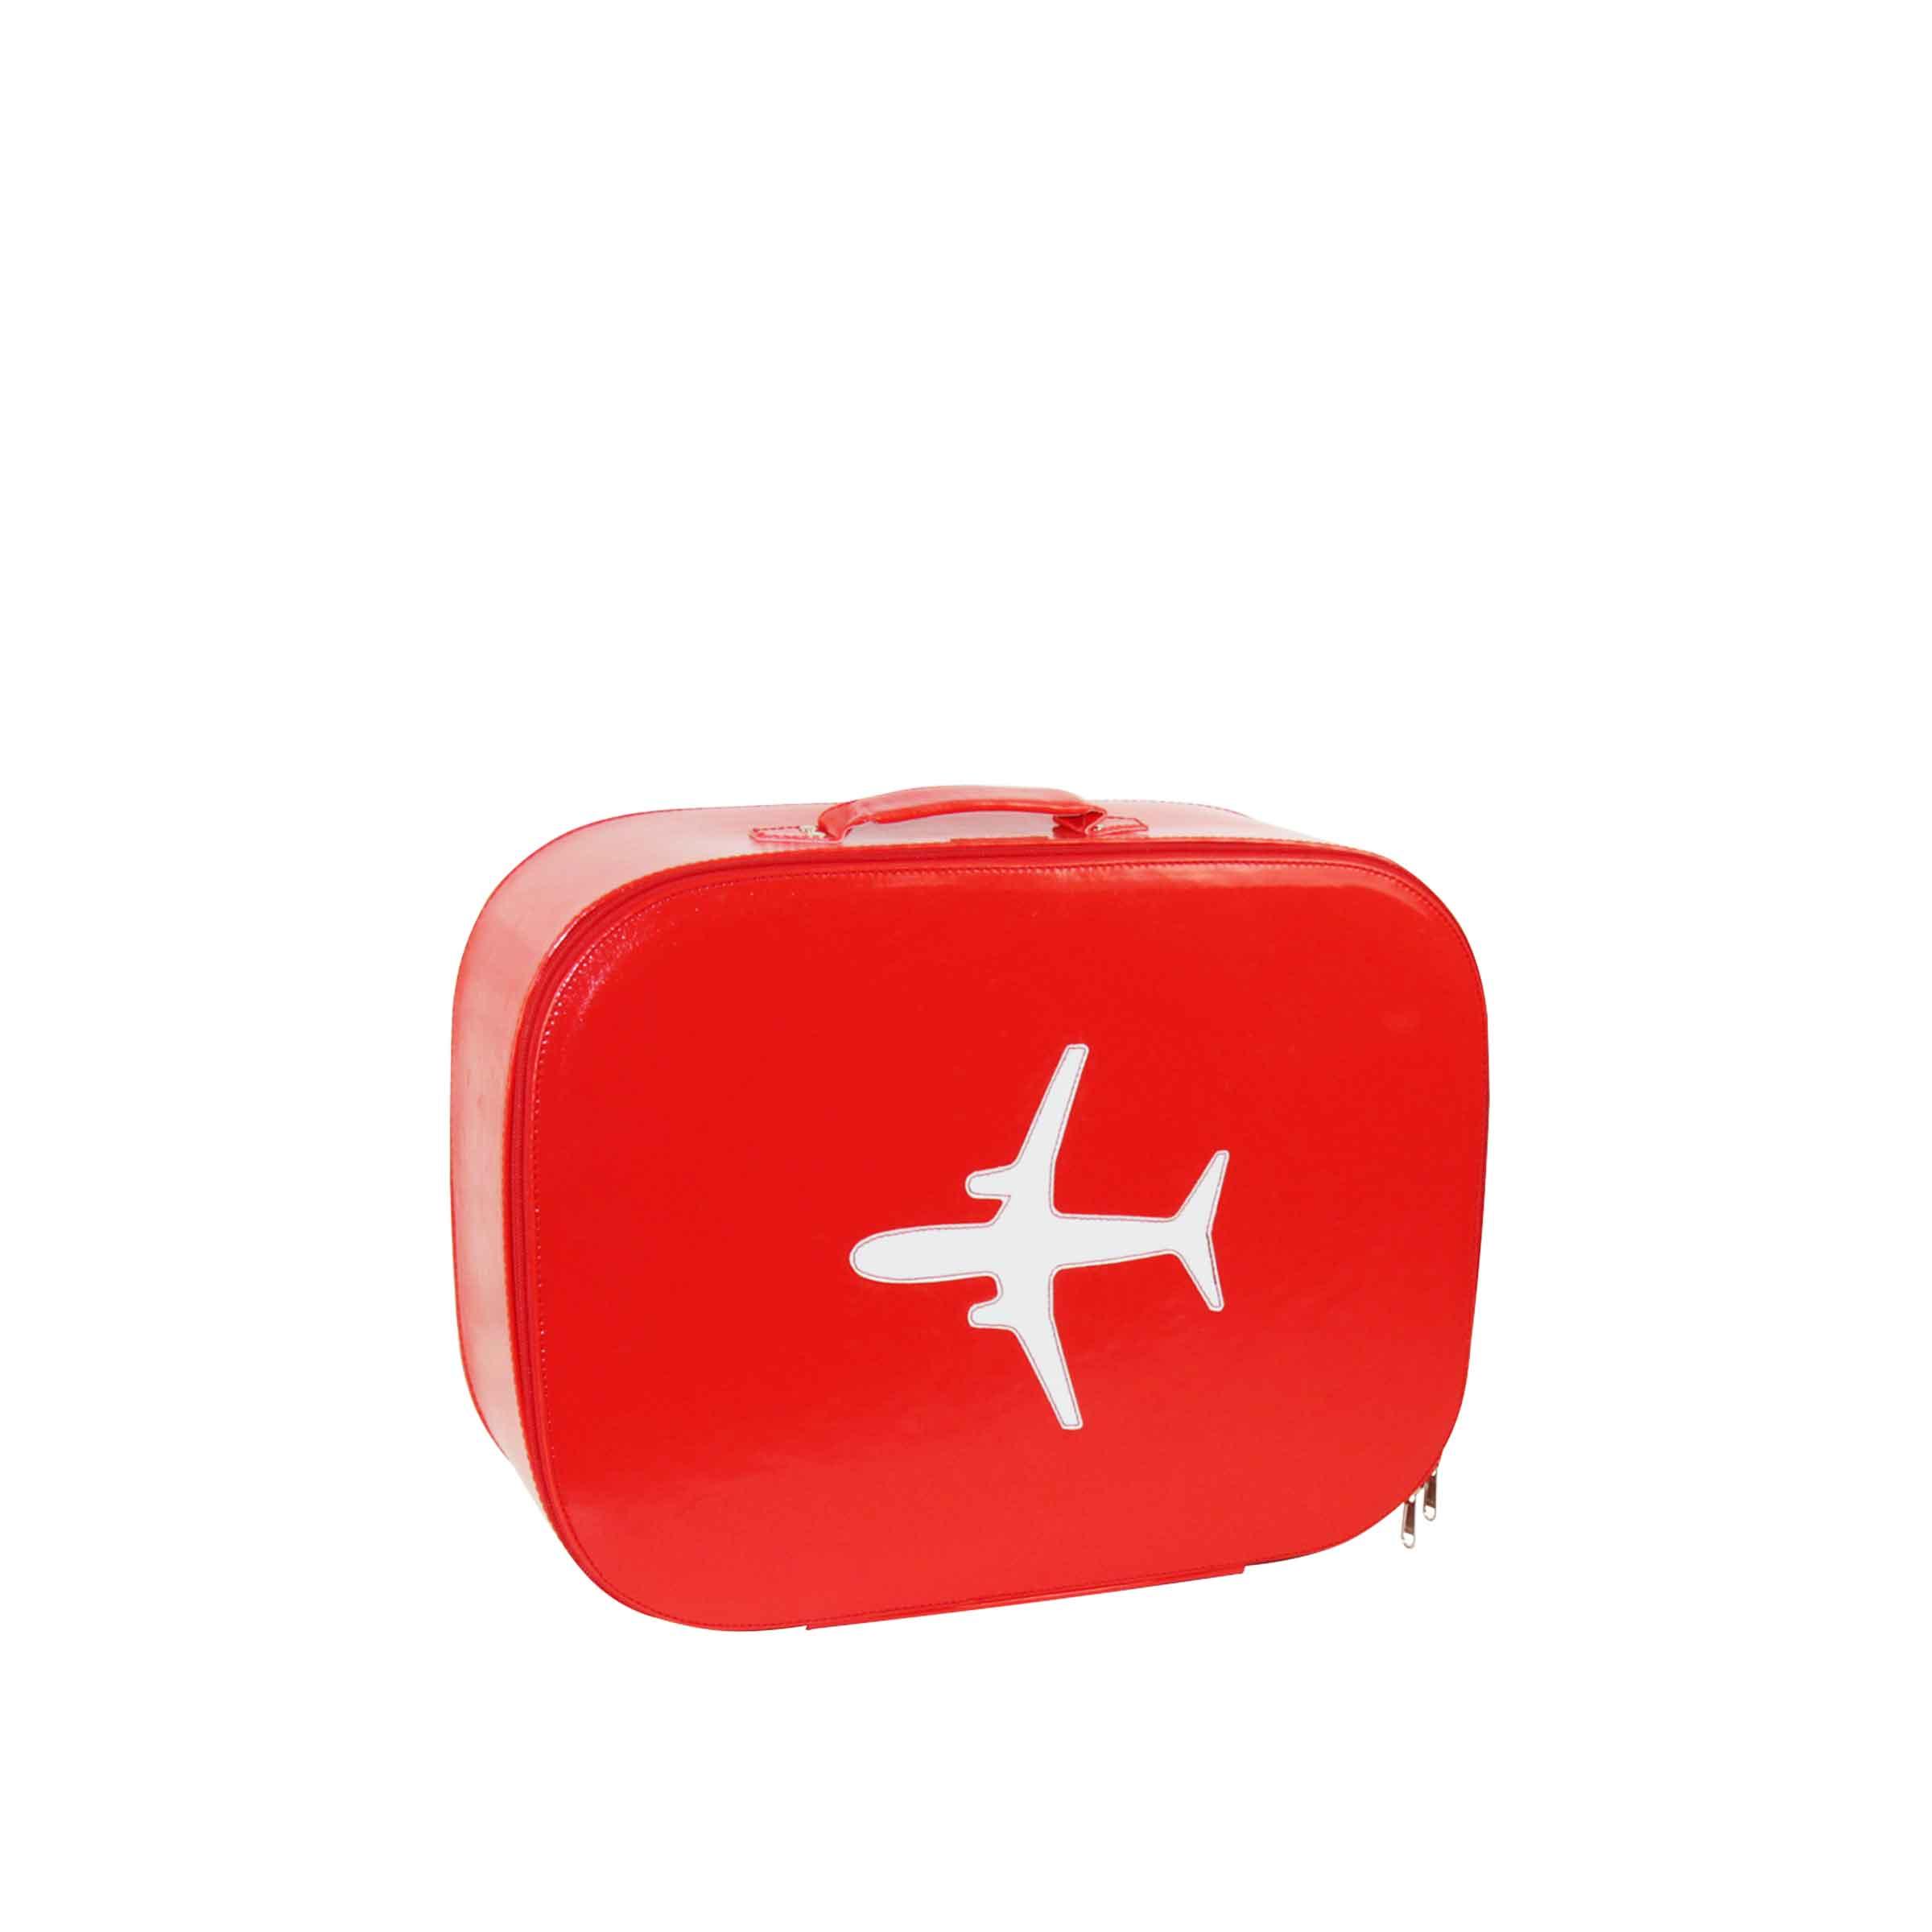 valise de rangement rouge rigide avec motif avion blanc taille XS